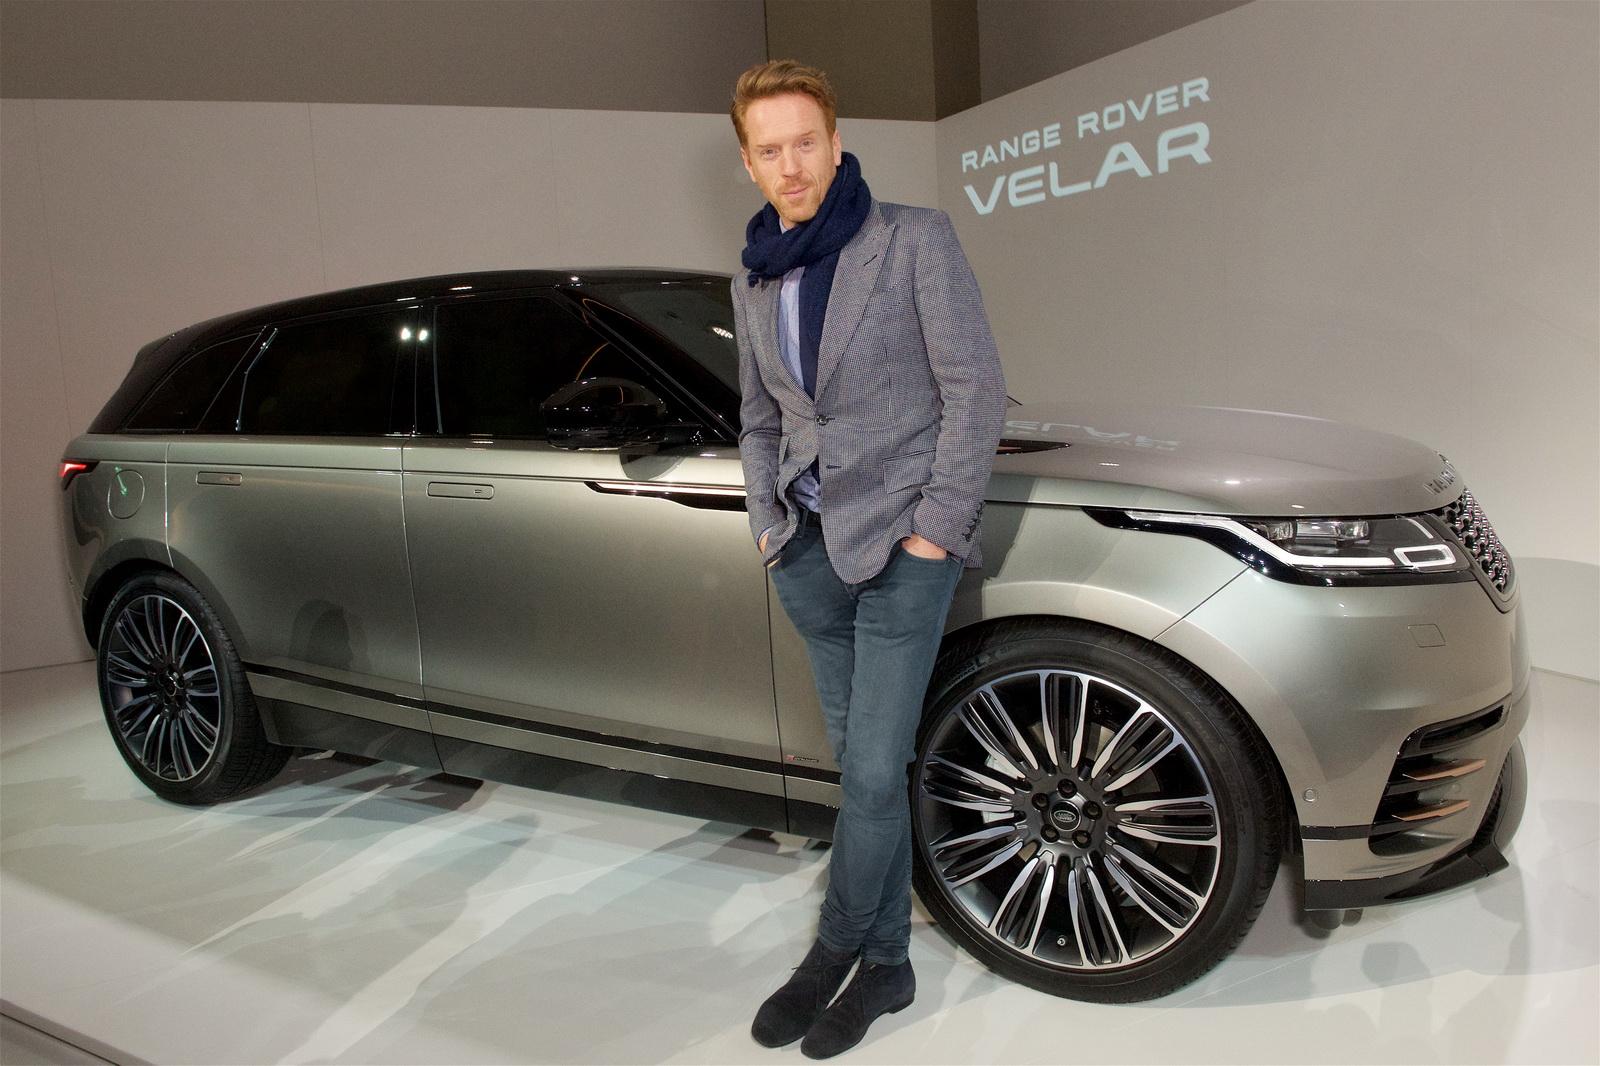 Range Rover Velar in Geneva 2017 (9)